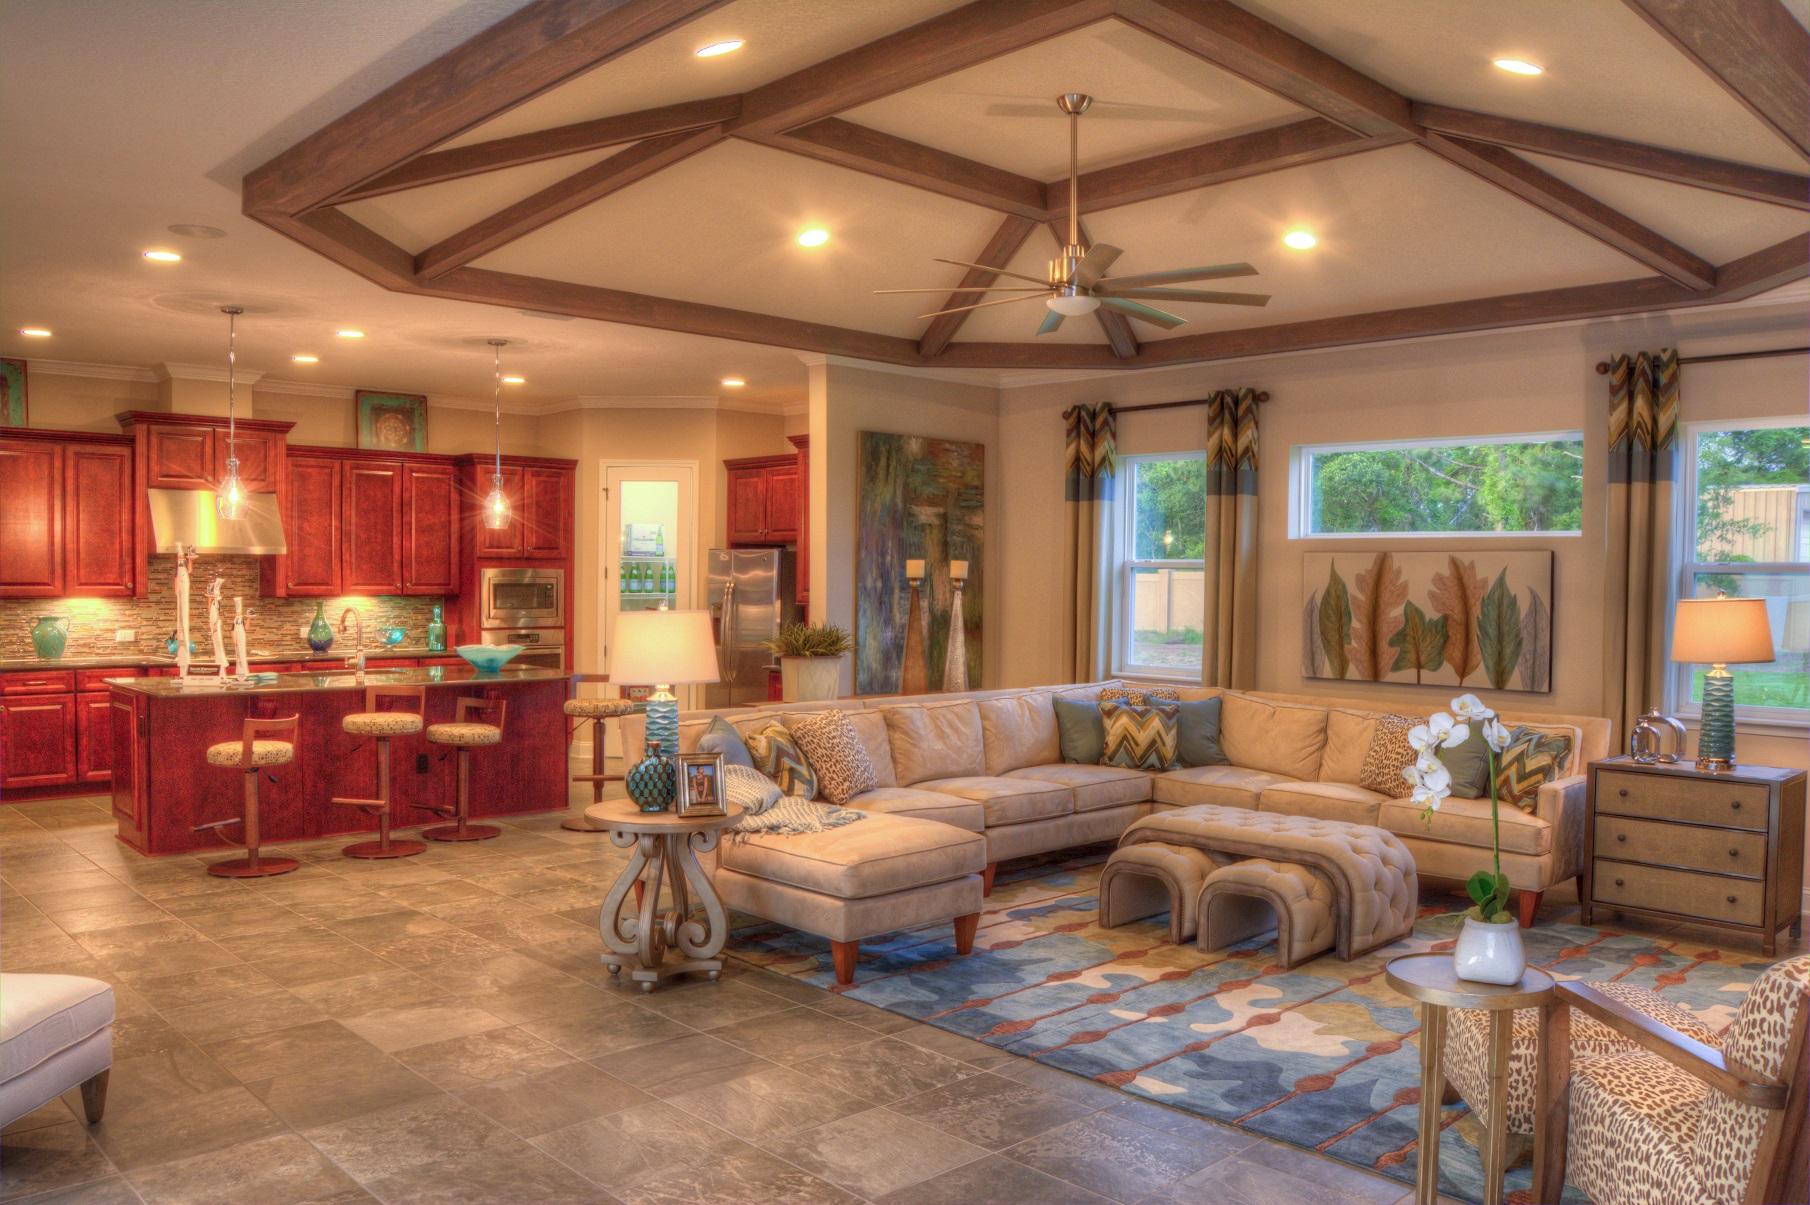 Sisler Johnston Interior Design Wins Laurel Awards For